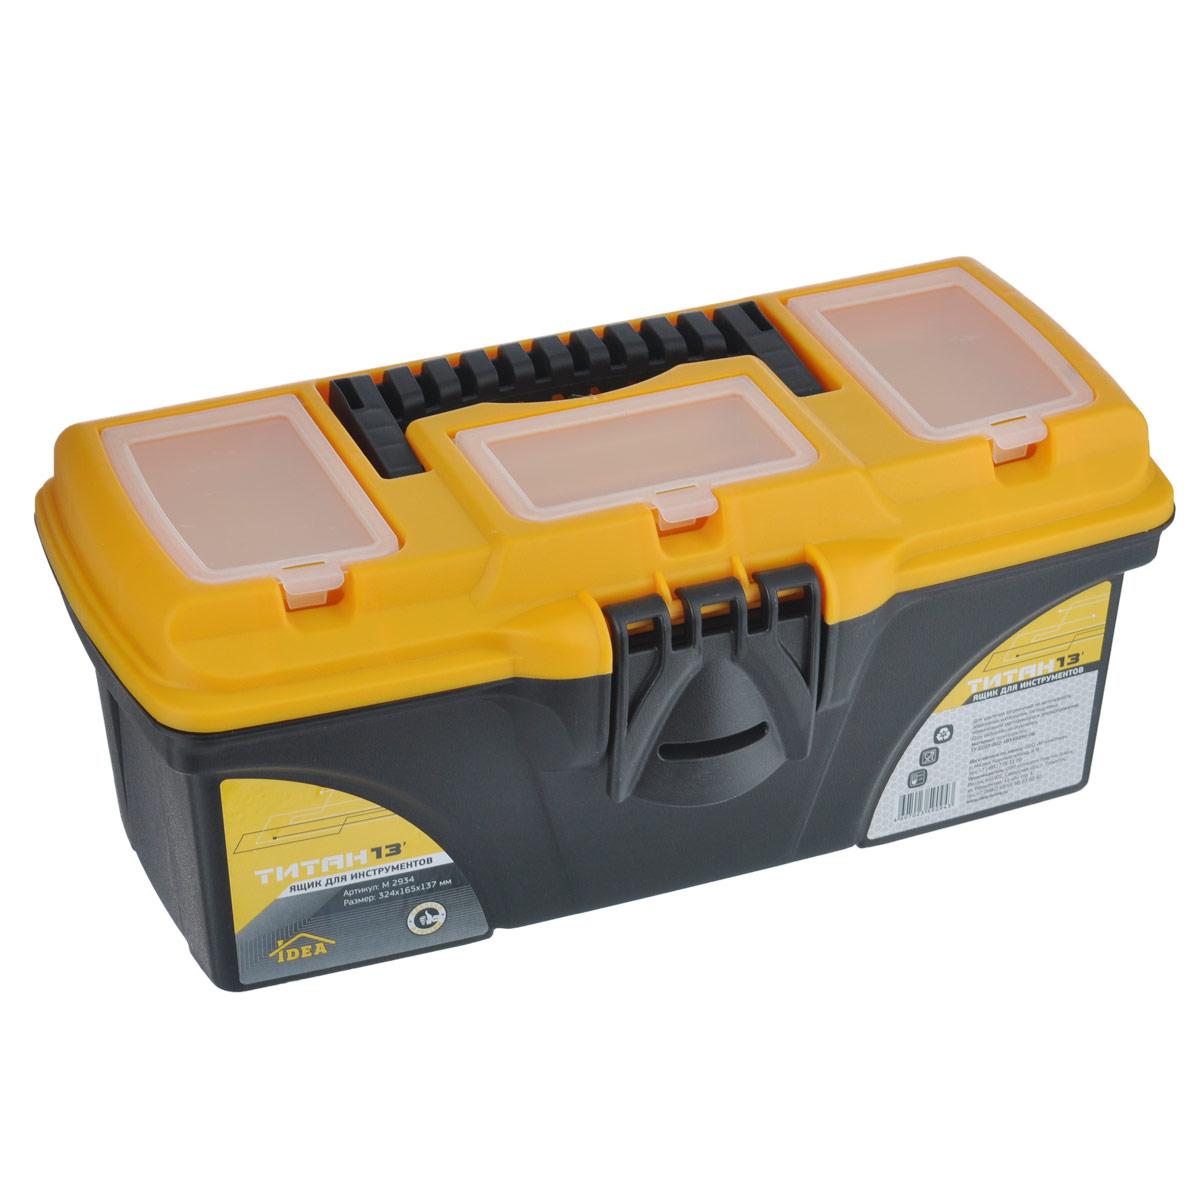 Ящик для инструментов Idea Титан 13, с органайзером, 32,4 х 16,5 х 13,7 смМ 2934Ящик Idea Титан 13 изготовлен из прочного пластика и предназначен для хранения и переноски инструментов. Вместительный, внутри имеет большое главное отделение. В комплект входит съемный лоток с ручкой для инструментов. Крышка ящика оснащена тремя прозрачными отделениями, которые закрываются на защелку. Для более комфортного переноса в руках, на крышке предусмотрена удобная ручка.Ящик закрывается при помощи крепкой защелки, которая не допускает случайного открывания.